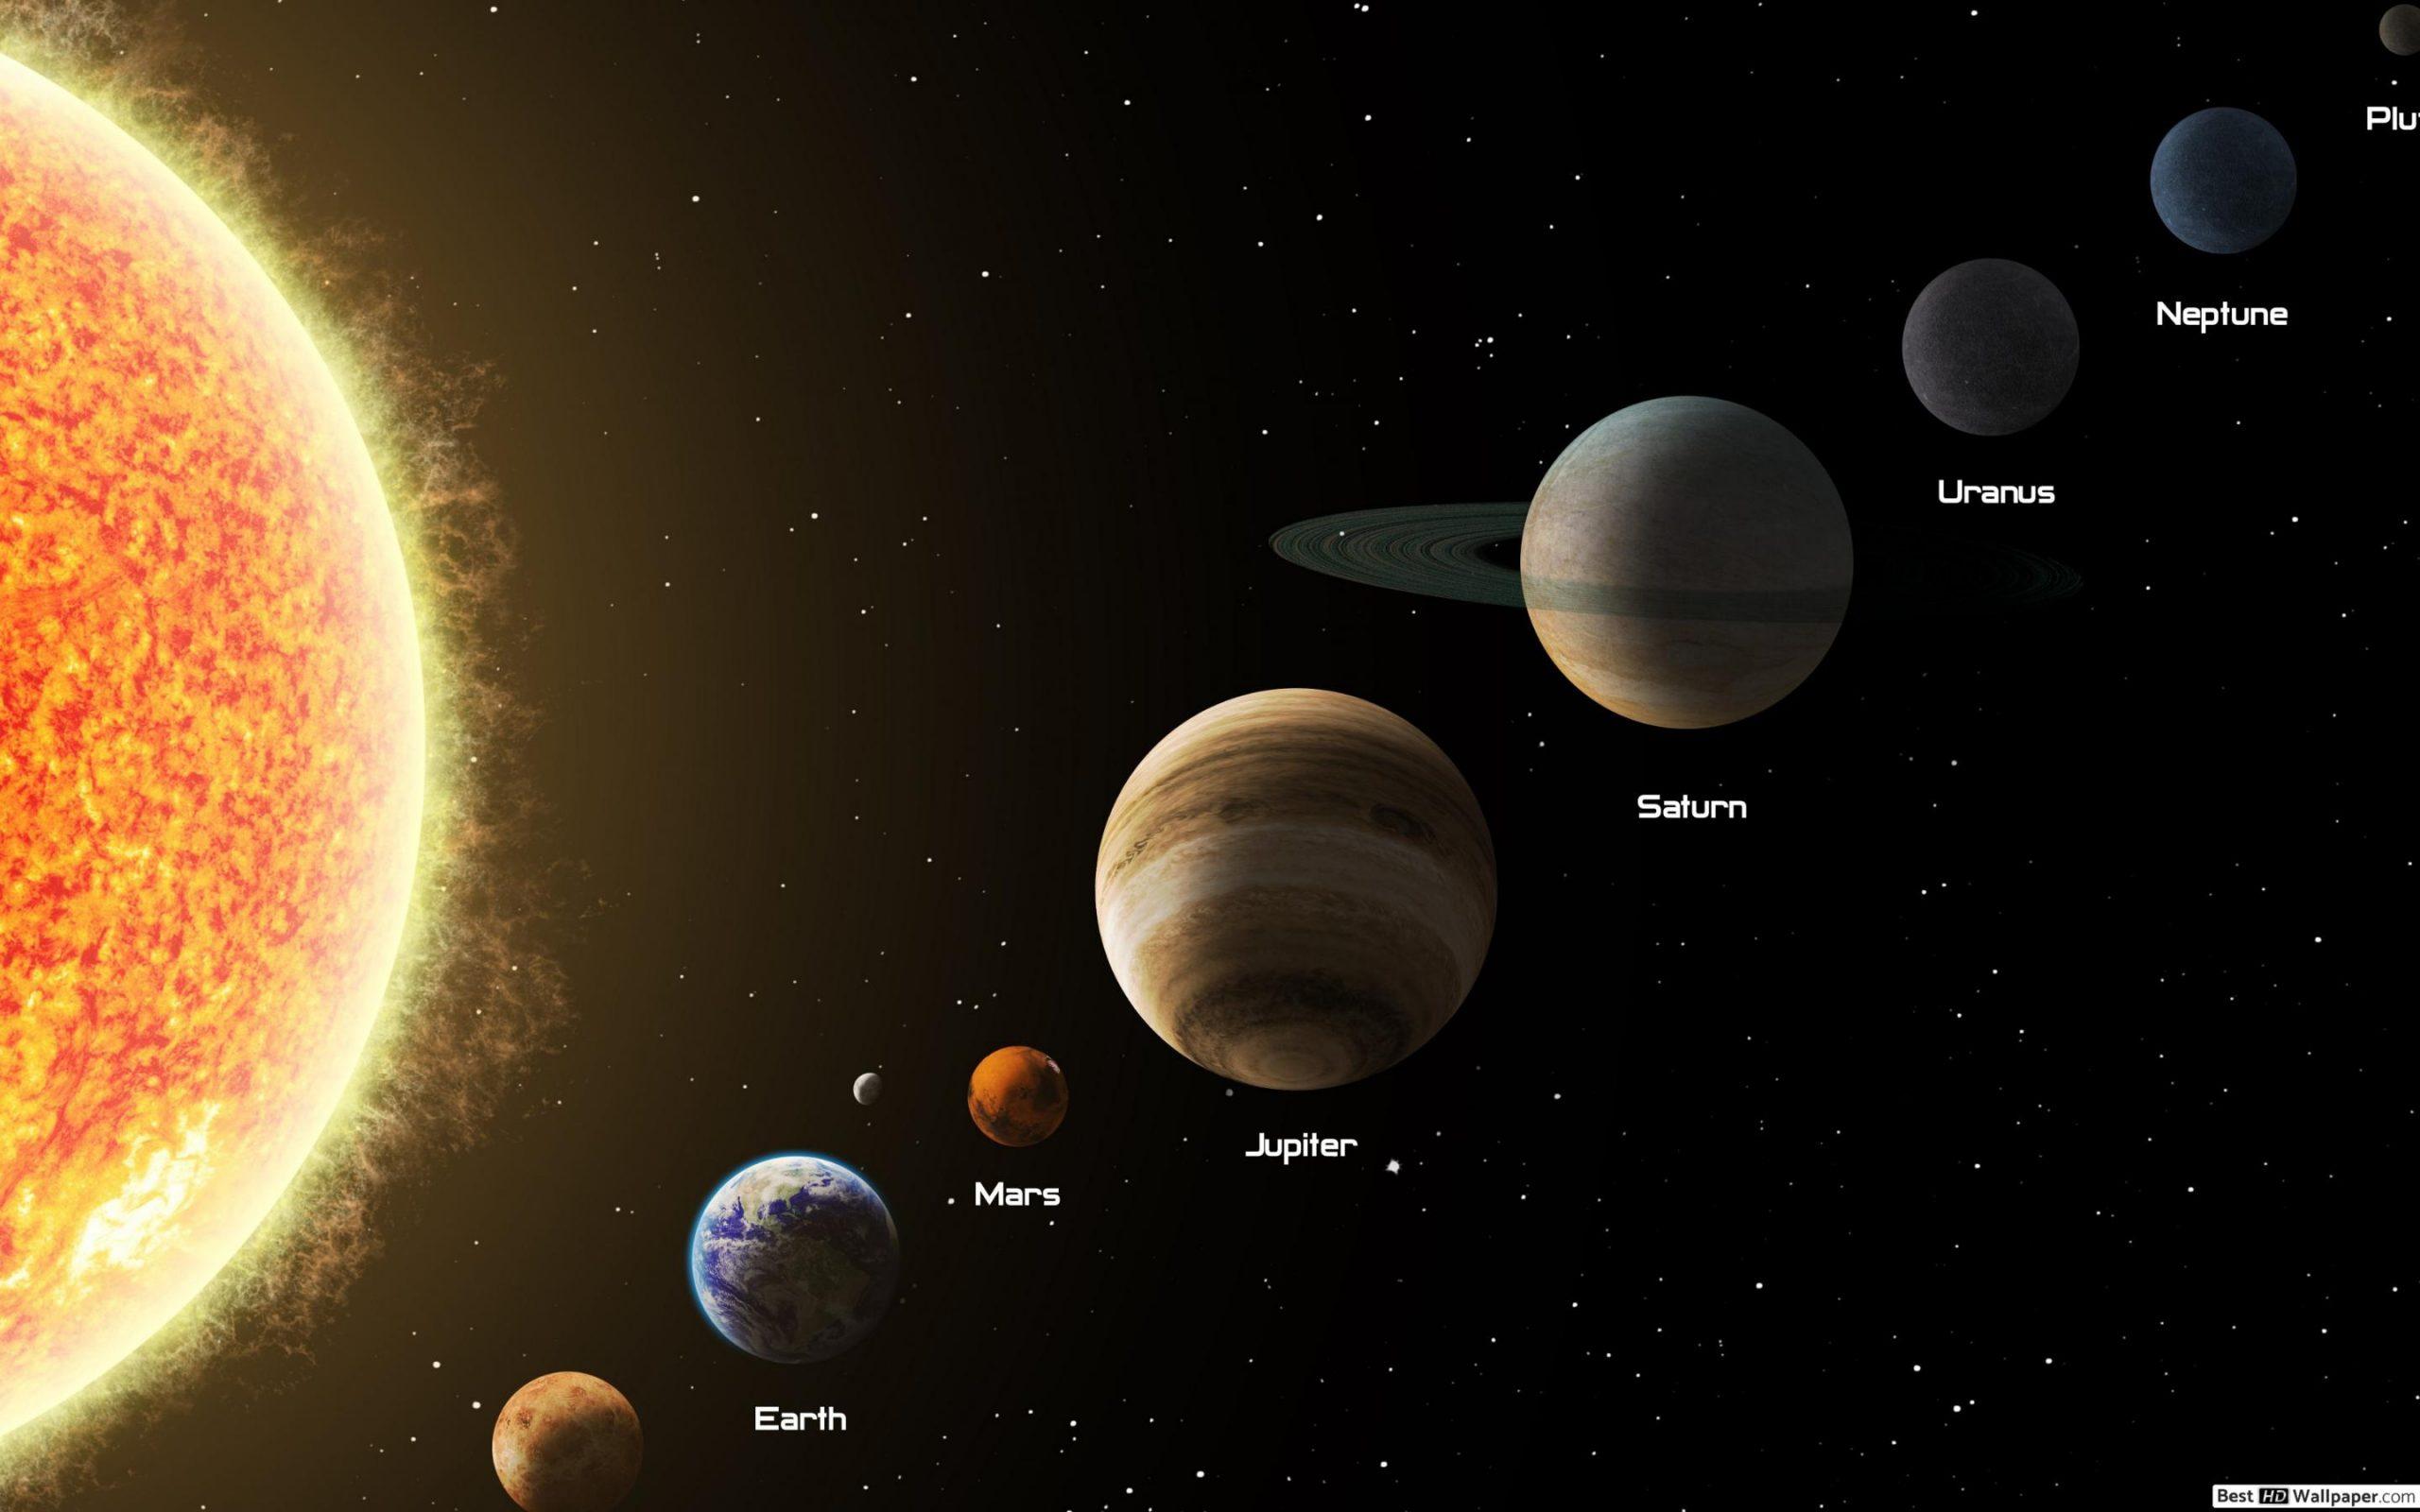 Dessin Du Système Solaire - Primanyc tout Dessin Systeme Solaire